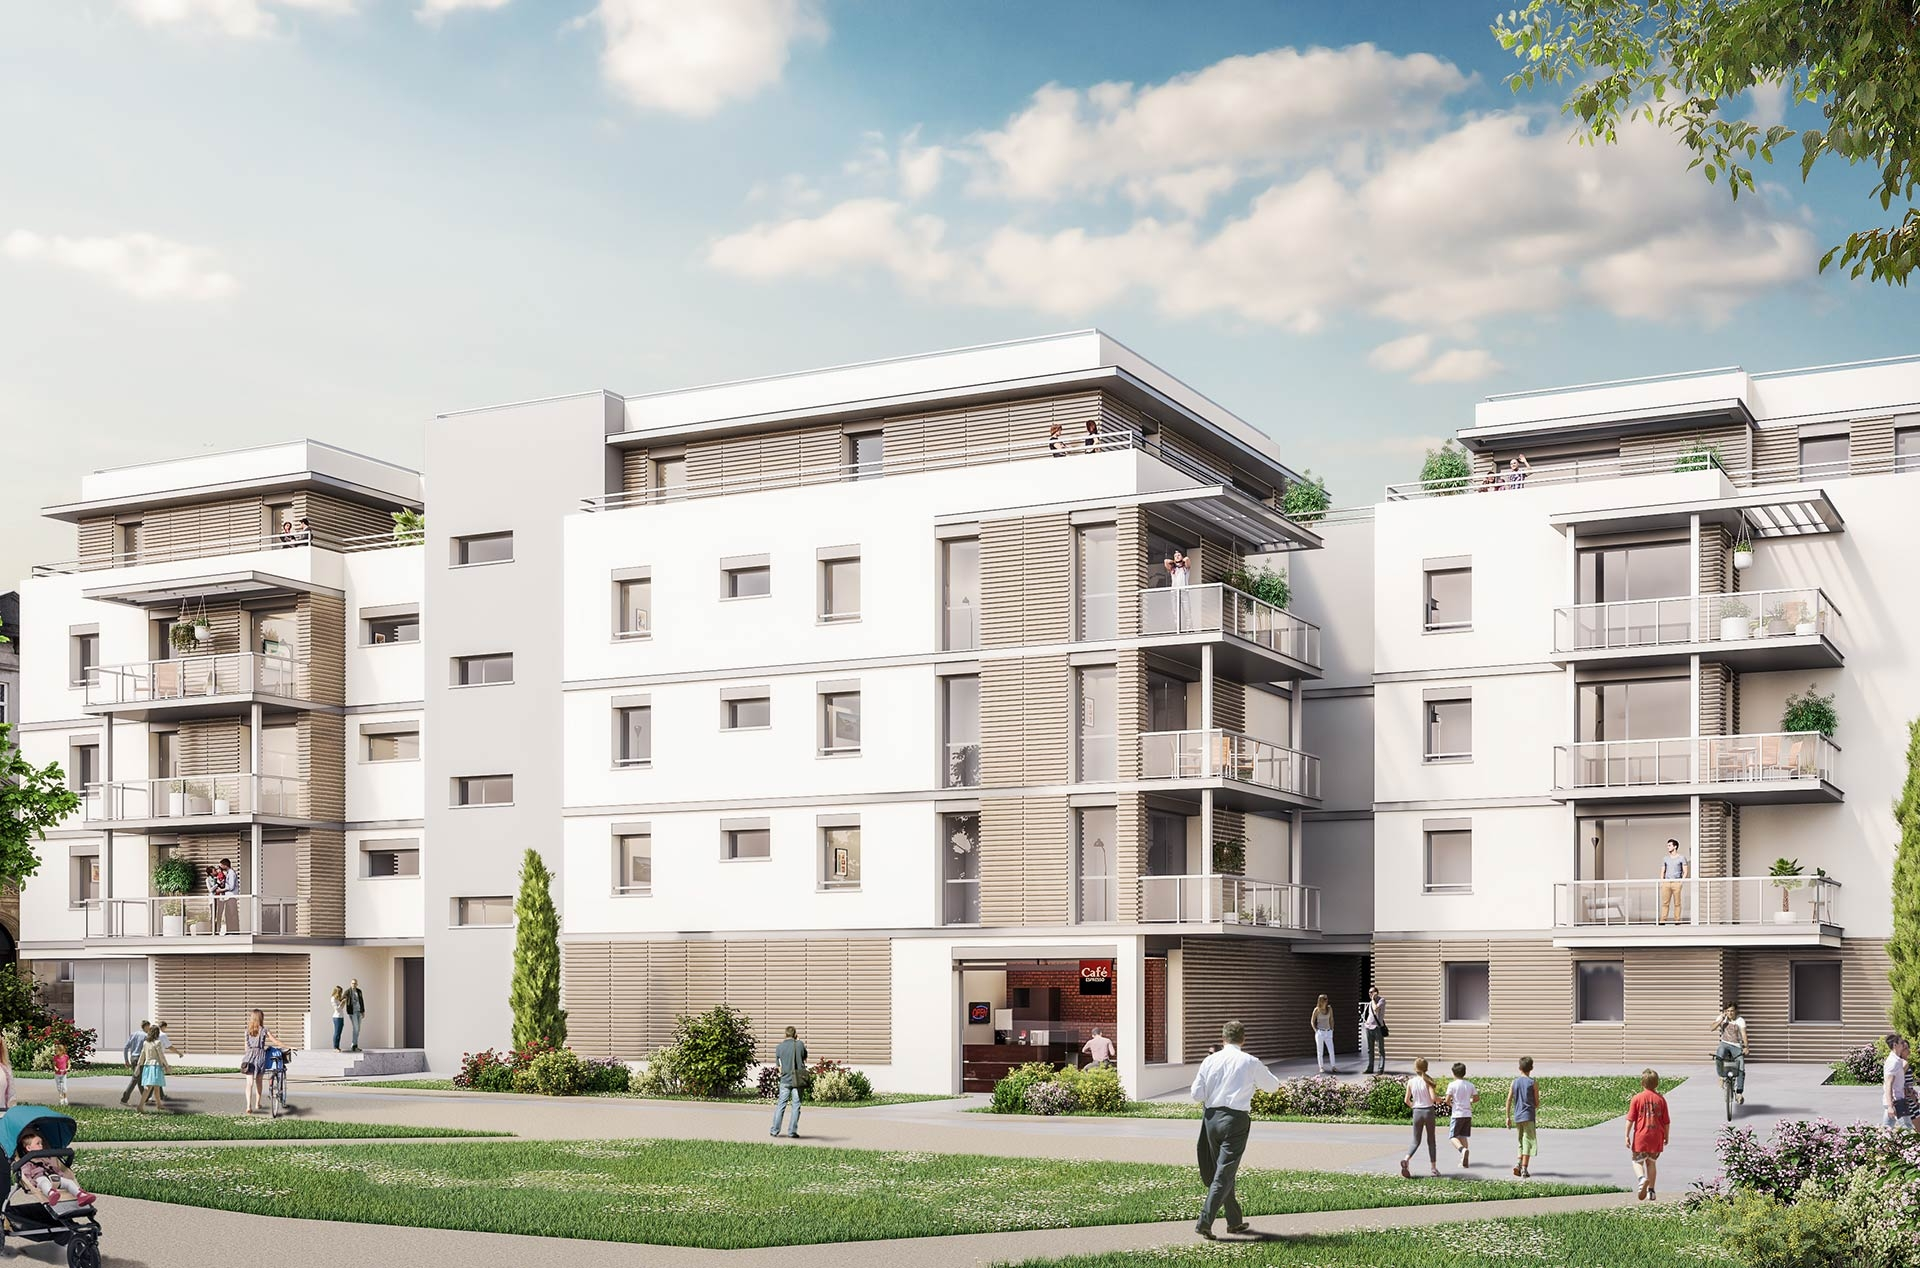 Programme immobilier EUR11 appartement à Saint-Alban-Leysse (73230) Au cœur d'un village charmant